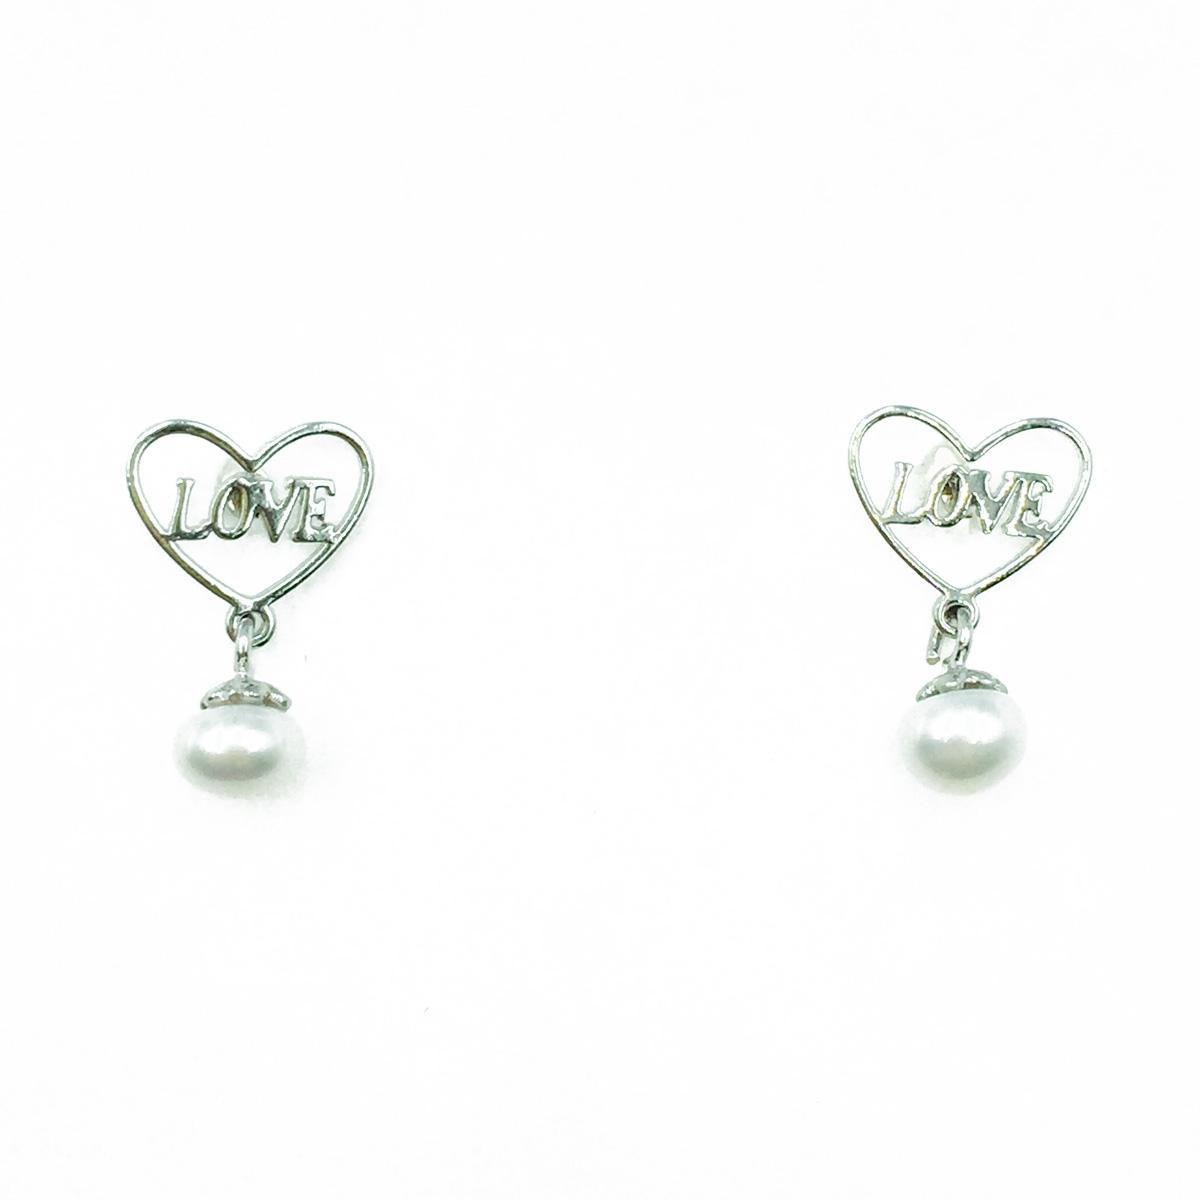 韓國 925純銀 愛心 LOVE 珍珠 垂墜感 耳針式耳環